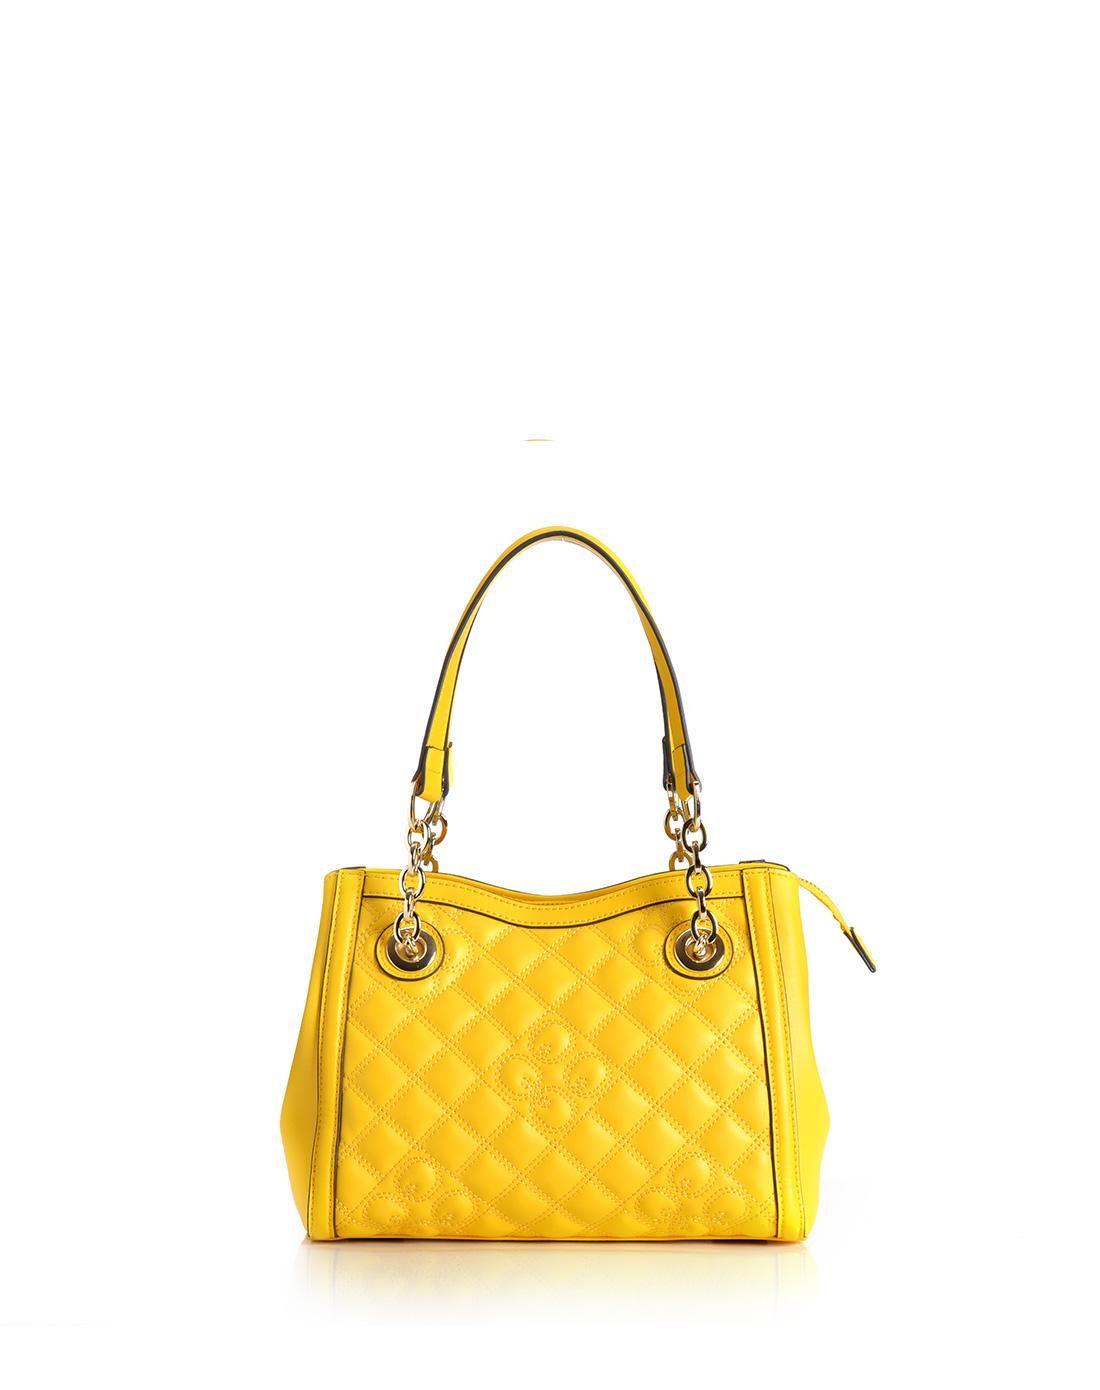 AdoreWe QIANBH Casual Yellow Check Leather Handbag - AdoreWe.com ... 5e0c93c2129d0